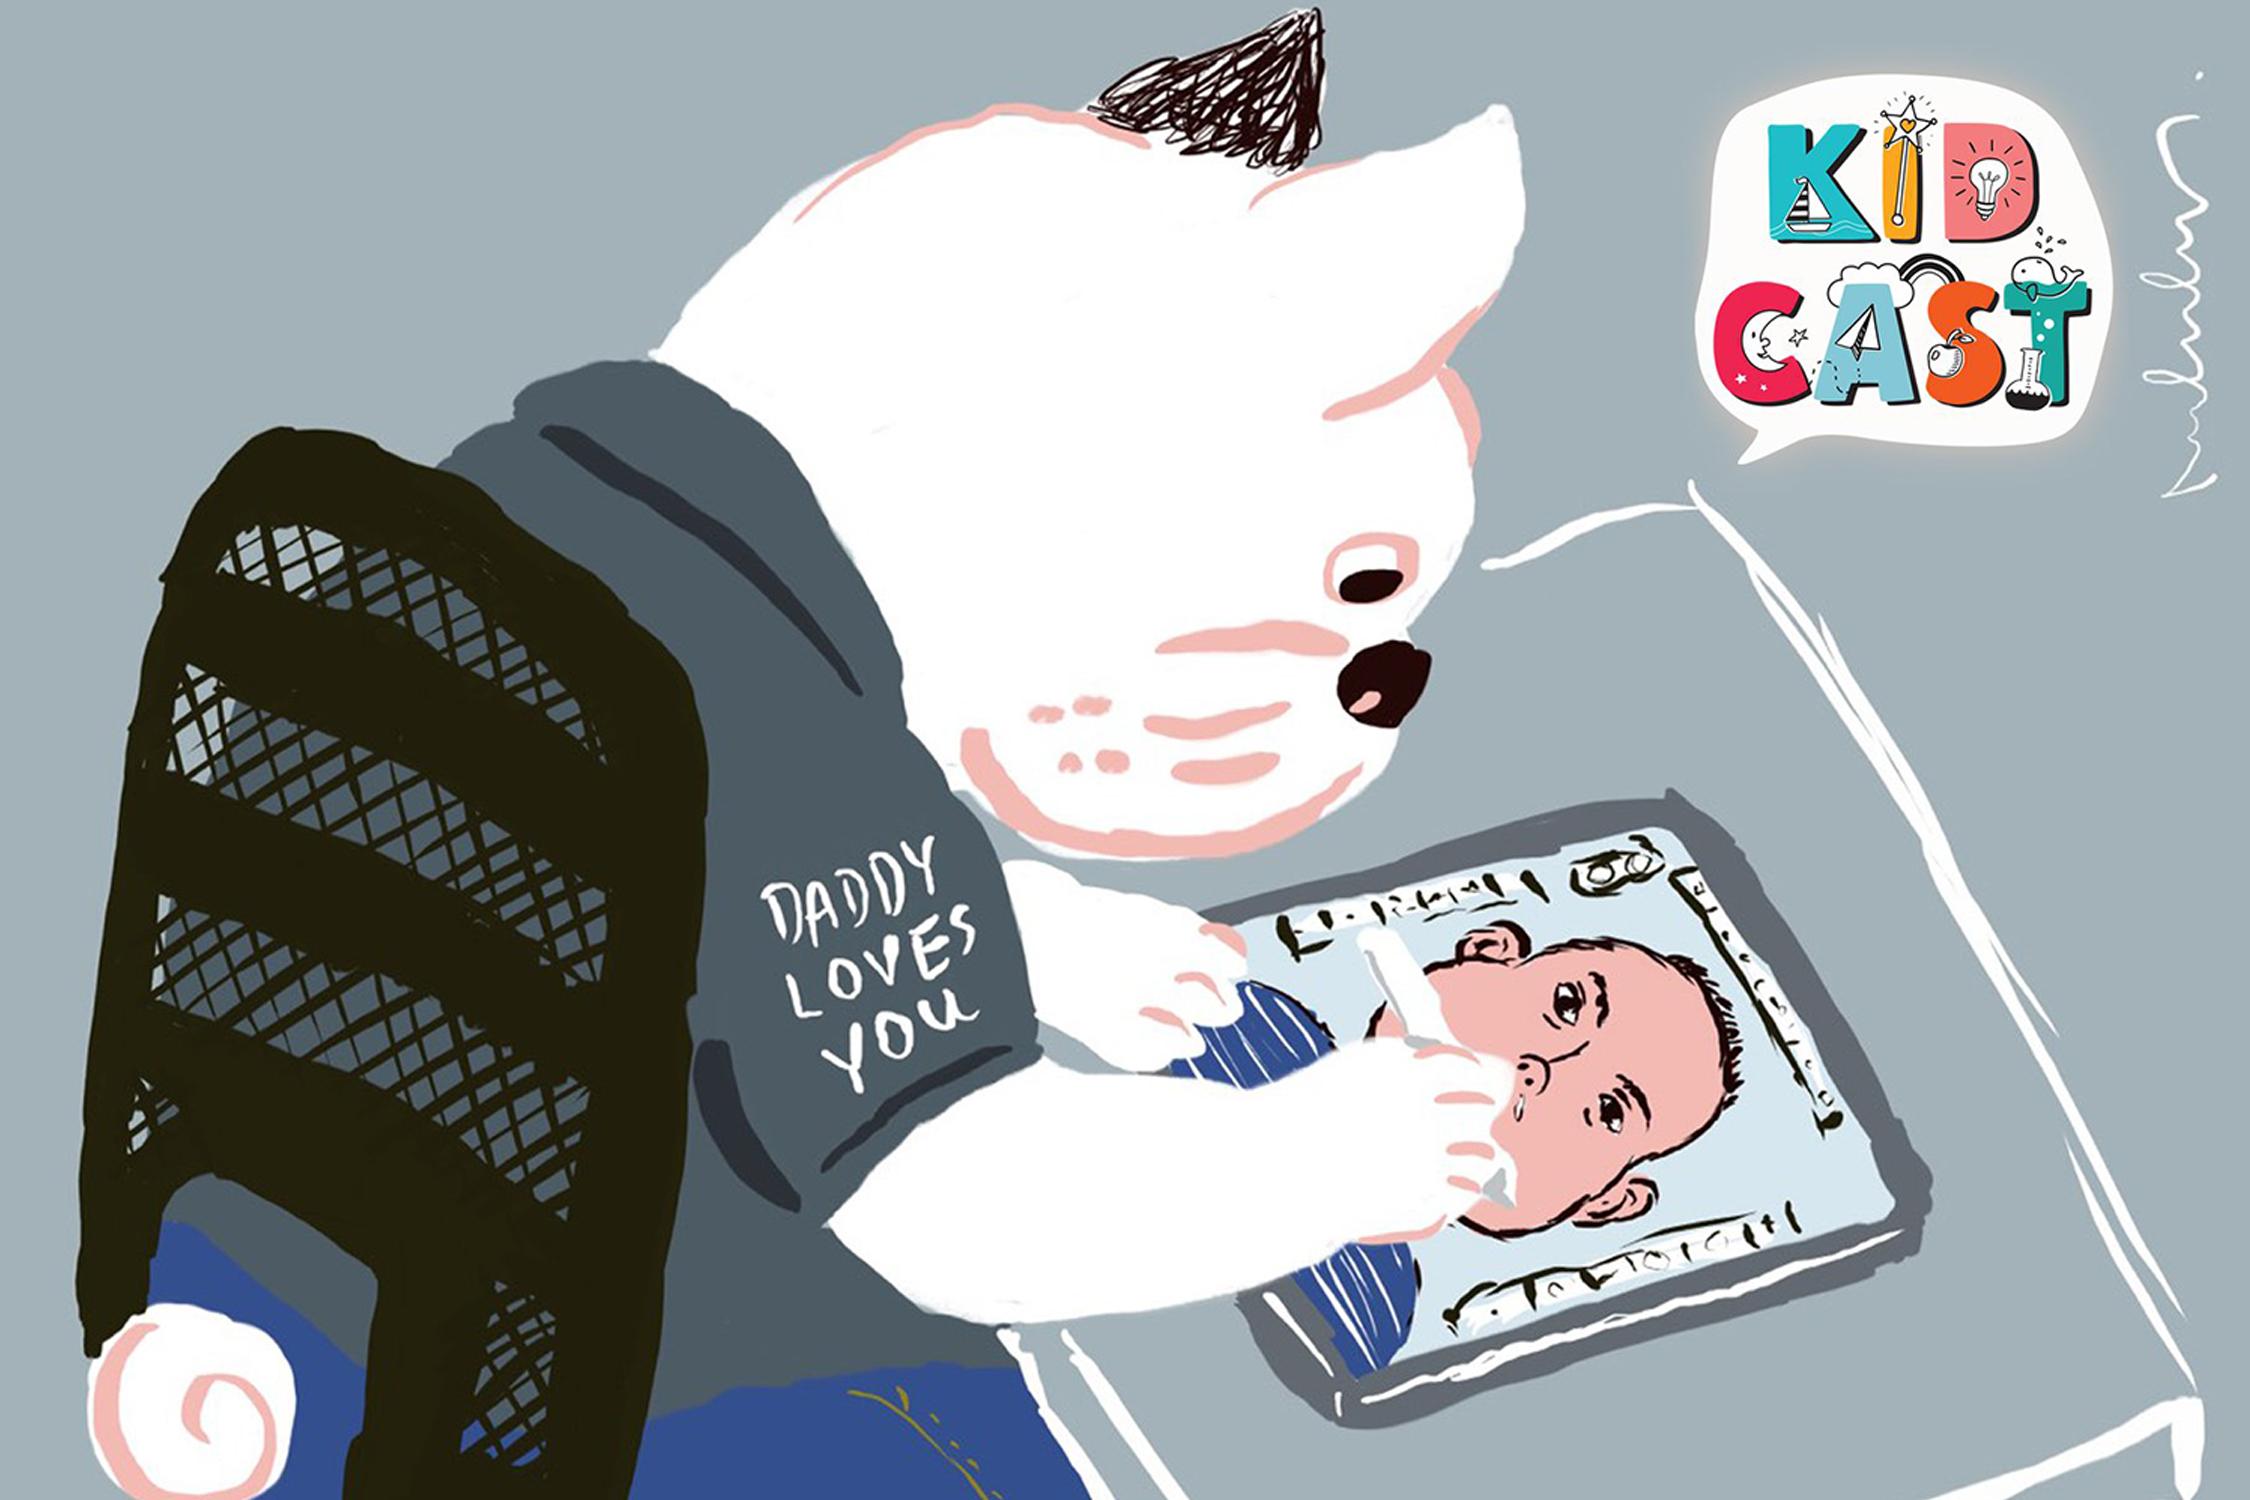 Kidcast (Podcast) EP : 5 โตขึ้นผมอยากเป็น......นักวาดภาพ